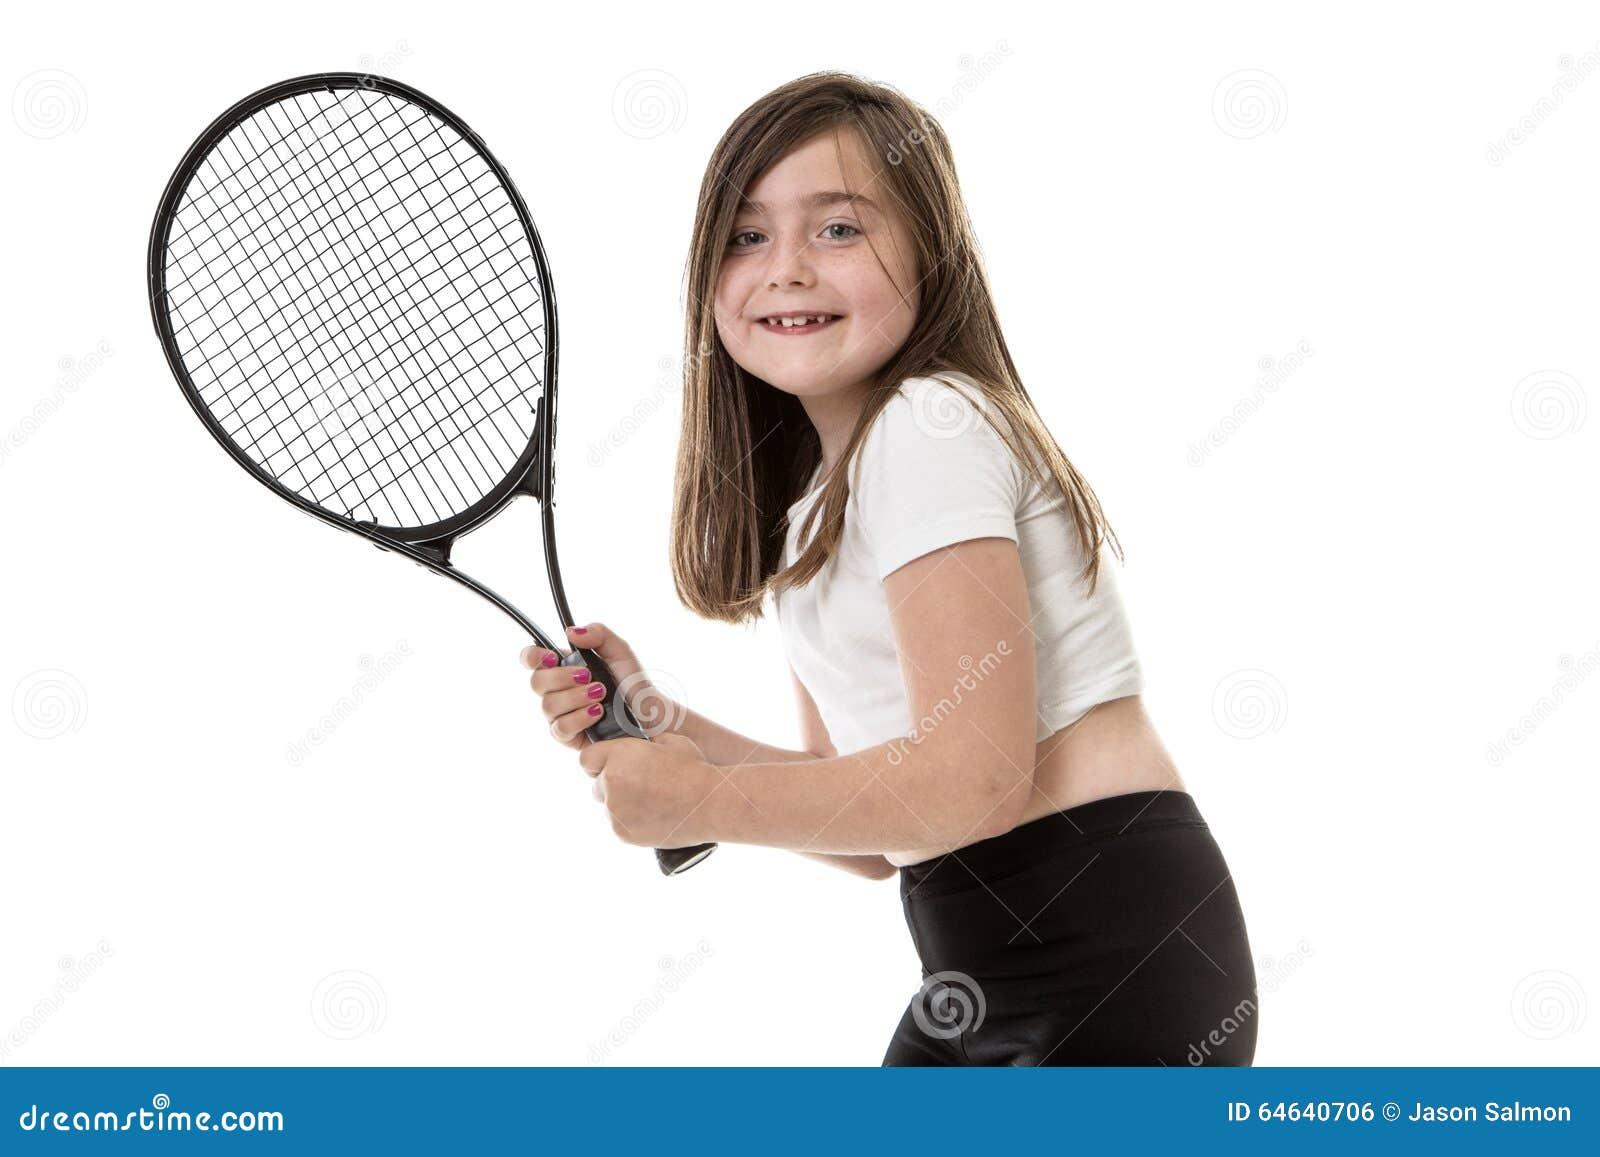 为网球比赛准备